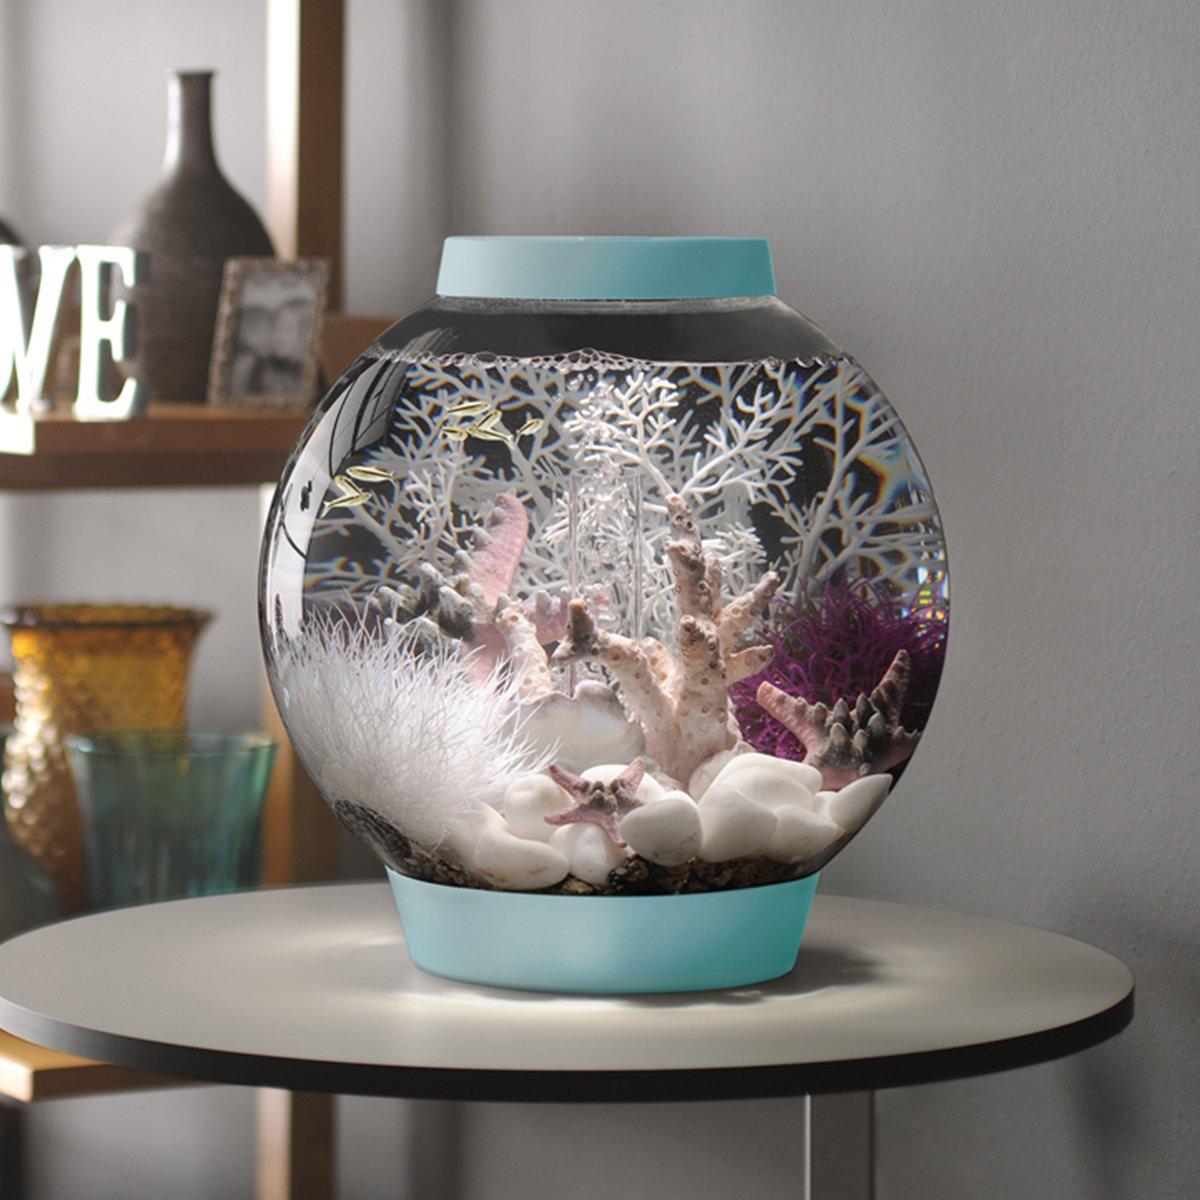 Biorb bébé pour aquarium, 30x 32cm, Noir _ P 30x 32cm